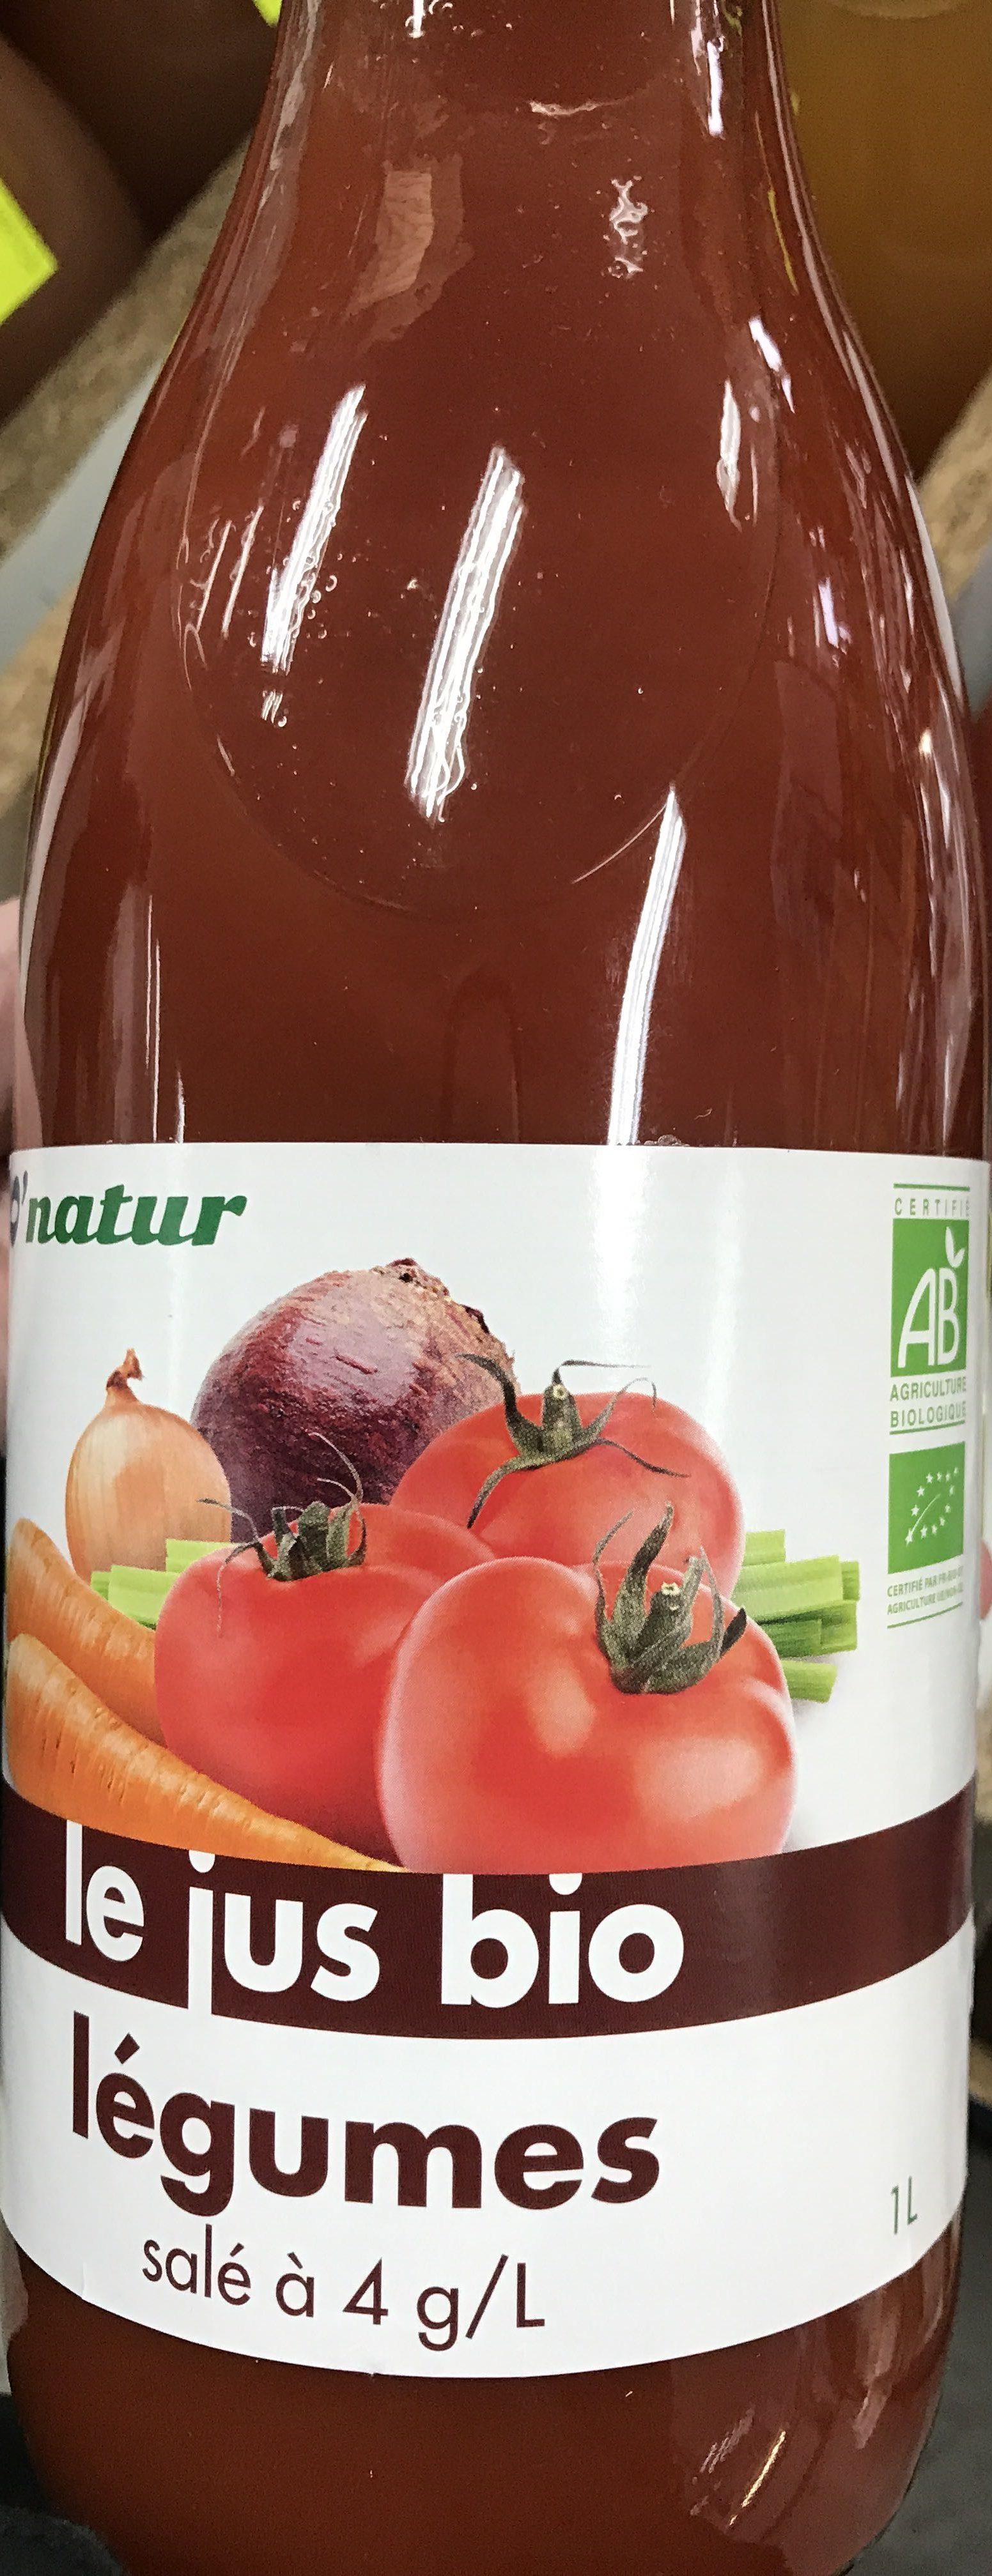 Jus de Légumes Bio - Prodotto - fr